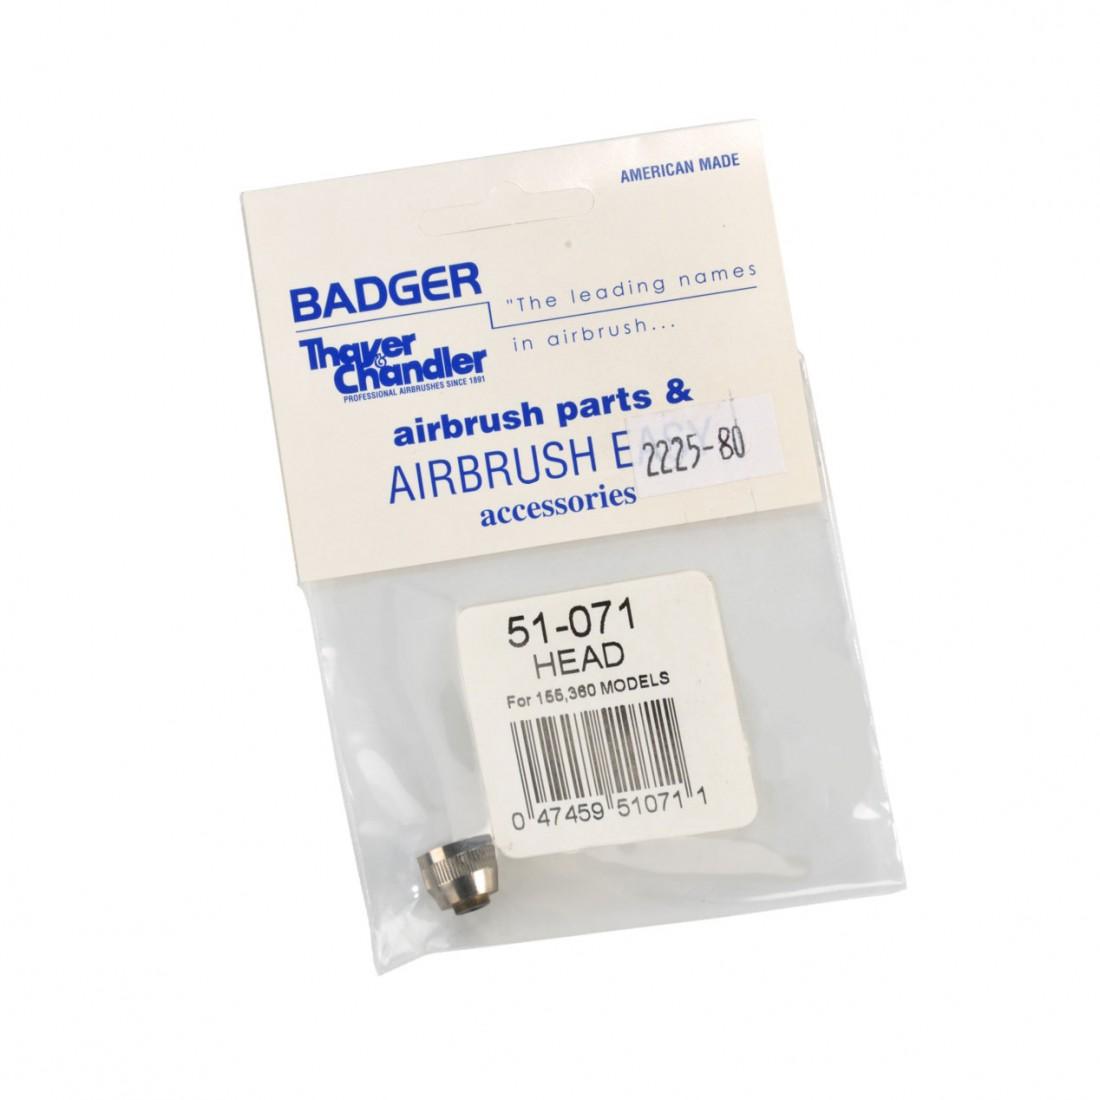 Badger 51-071